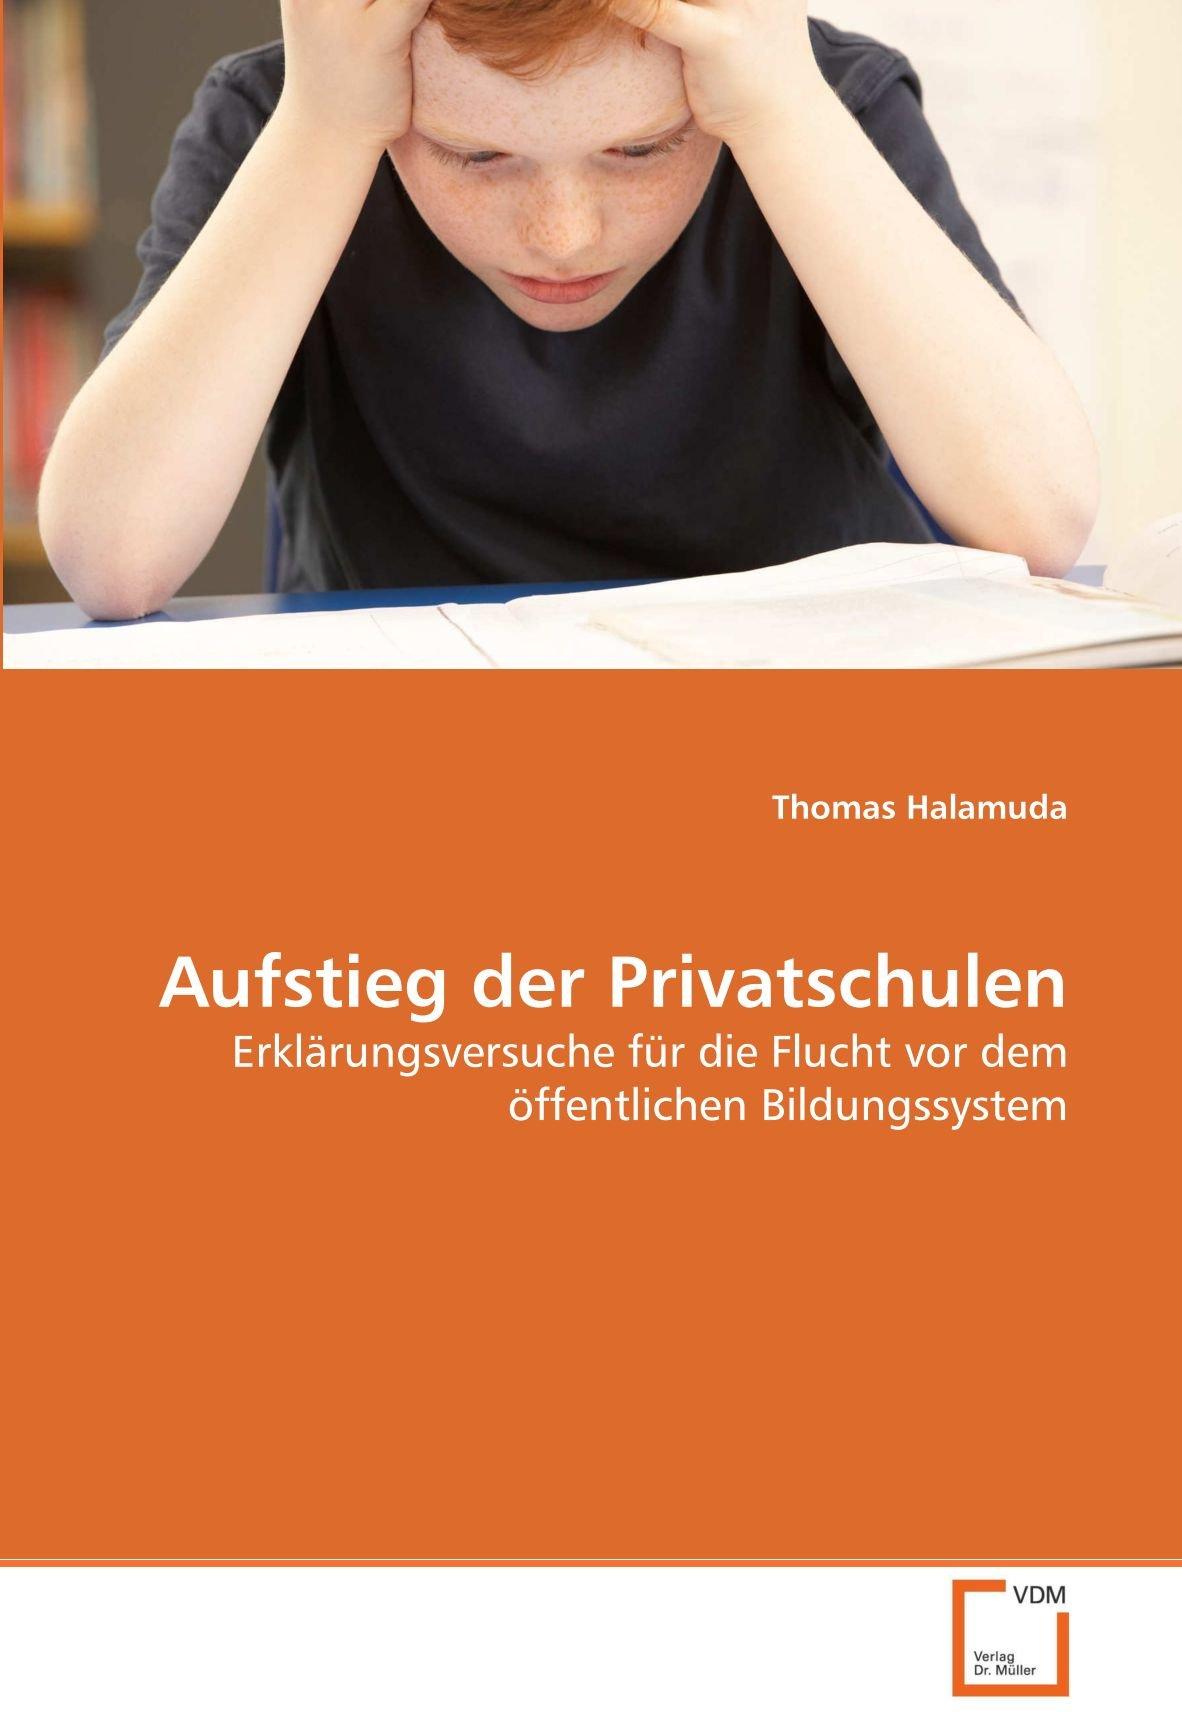 Aufstieg der Privatschulen: Erklärungsversuche für die Flucht vor dem öffentlichen Bildungssystem